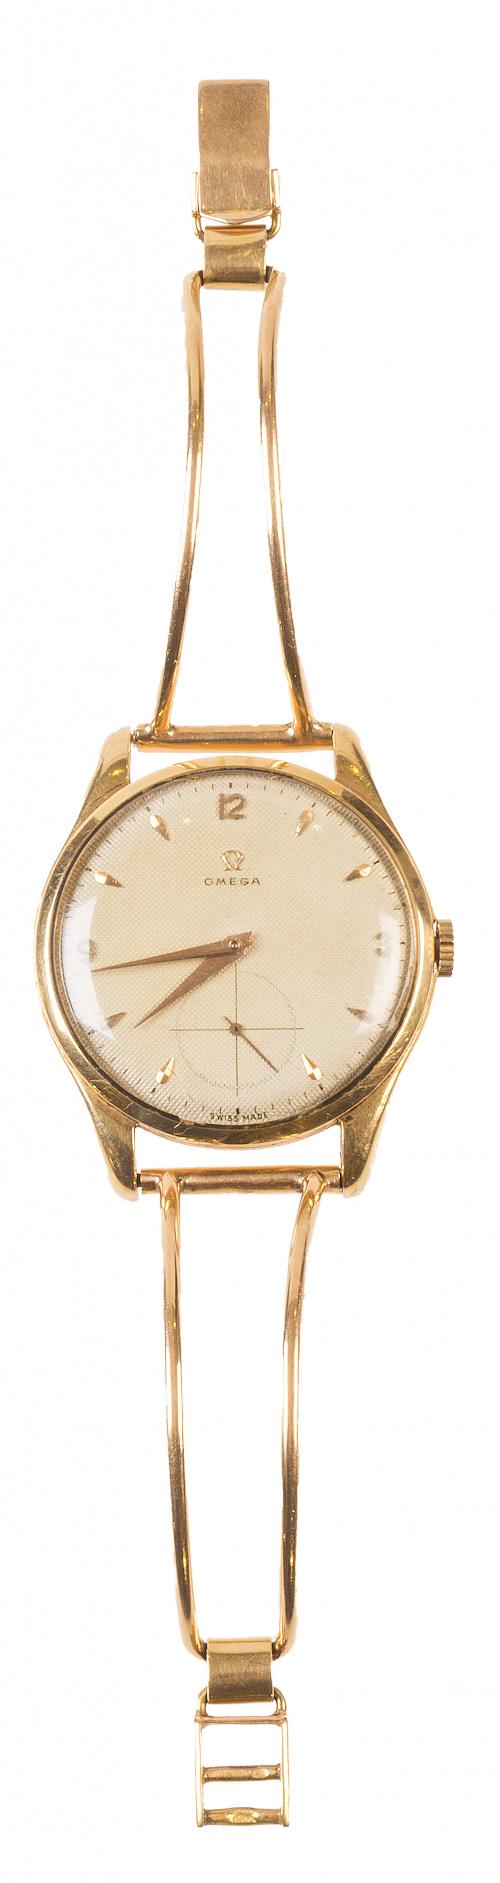 Reloj de pulsera OMEGA en oro amarillo de 18K